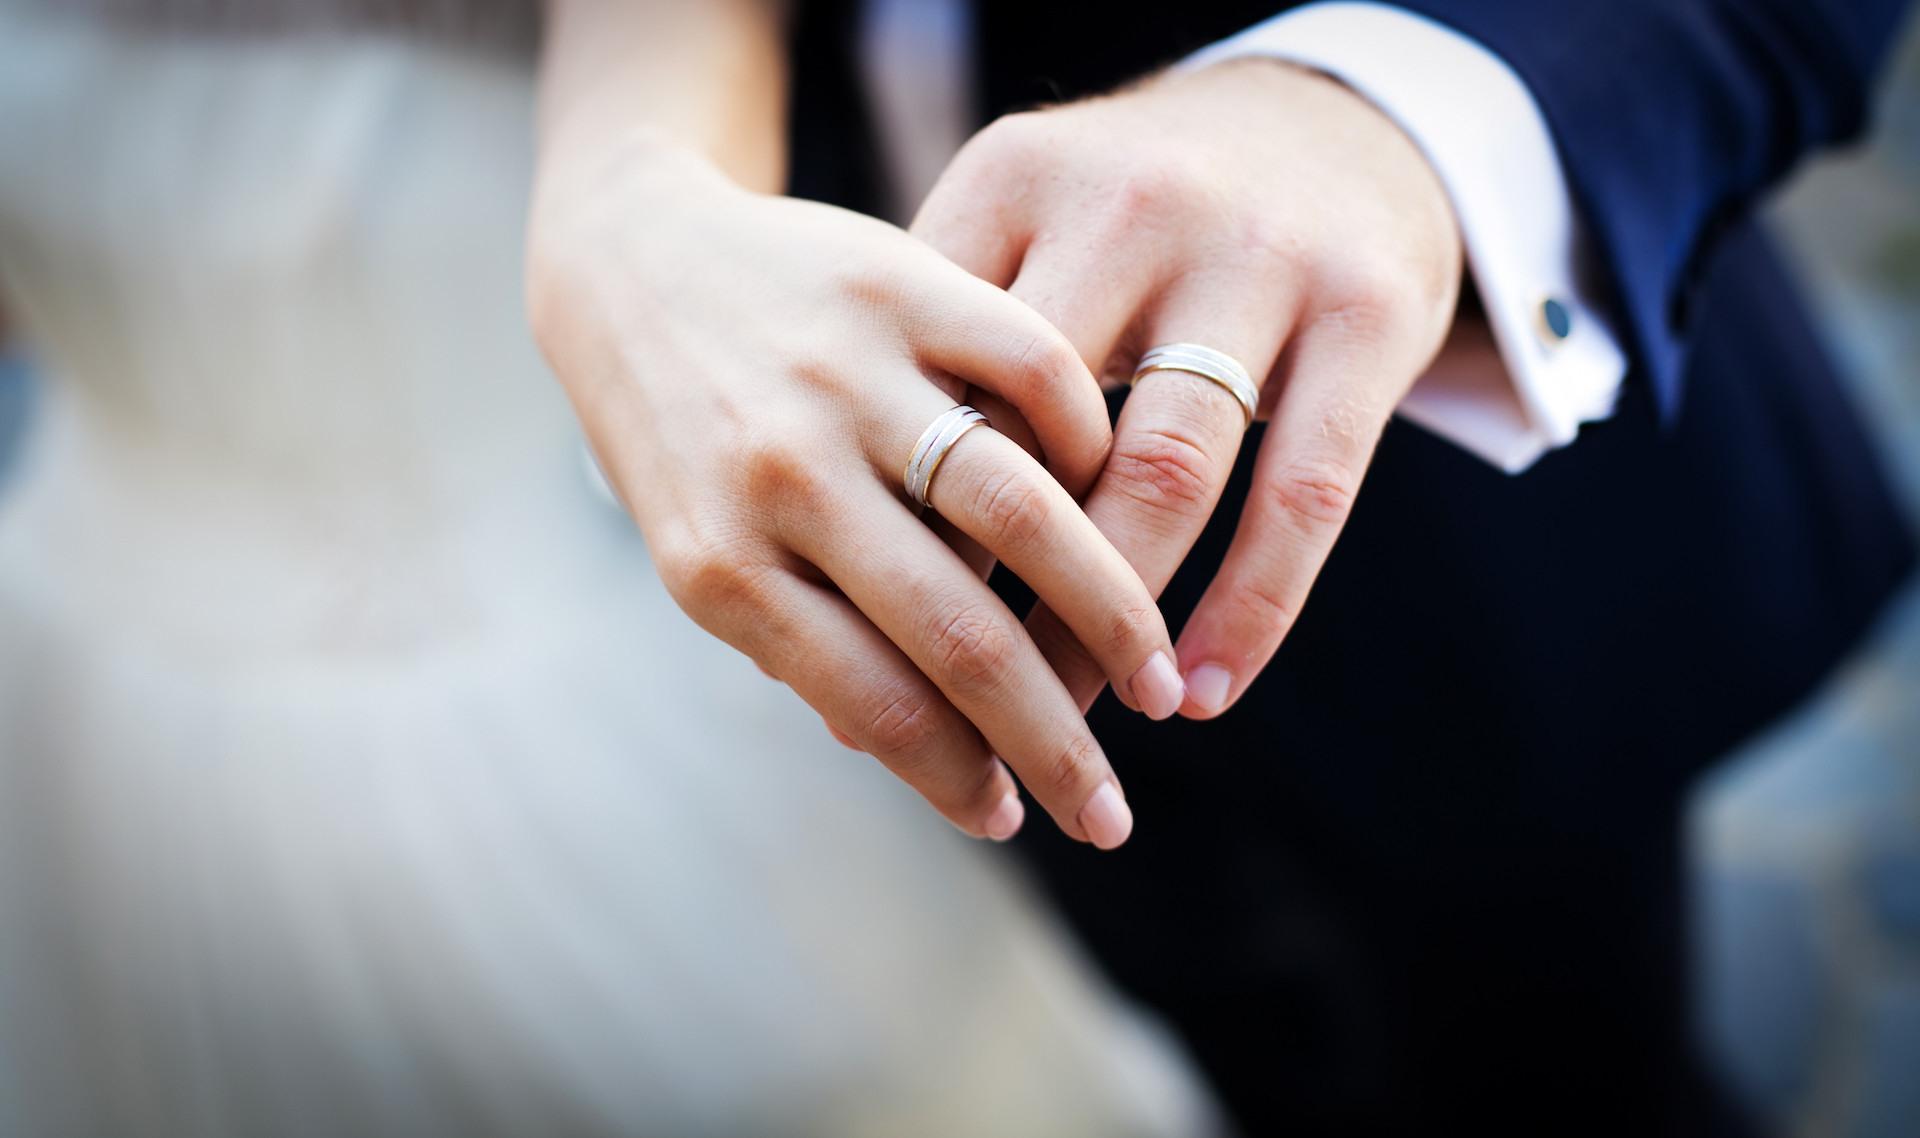 Eheringe Erneuern Oder Alte Eheringe Behalten – Pro Und Contra